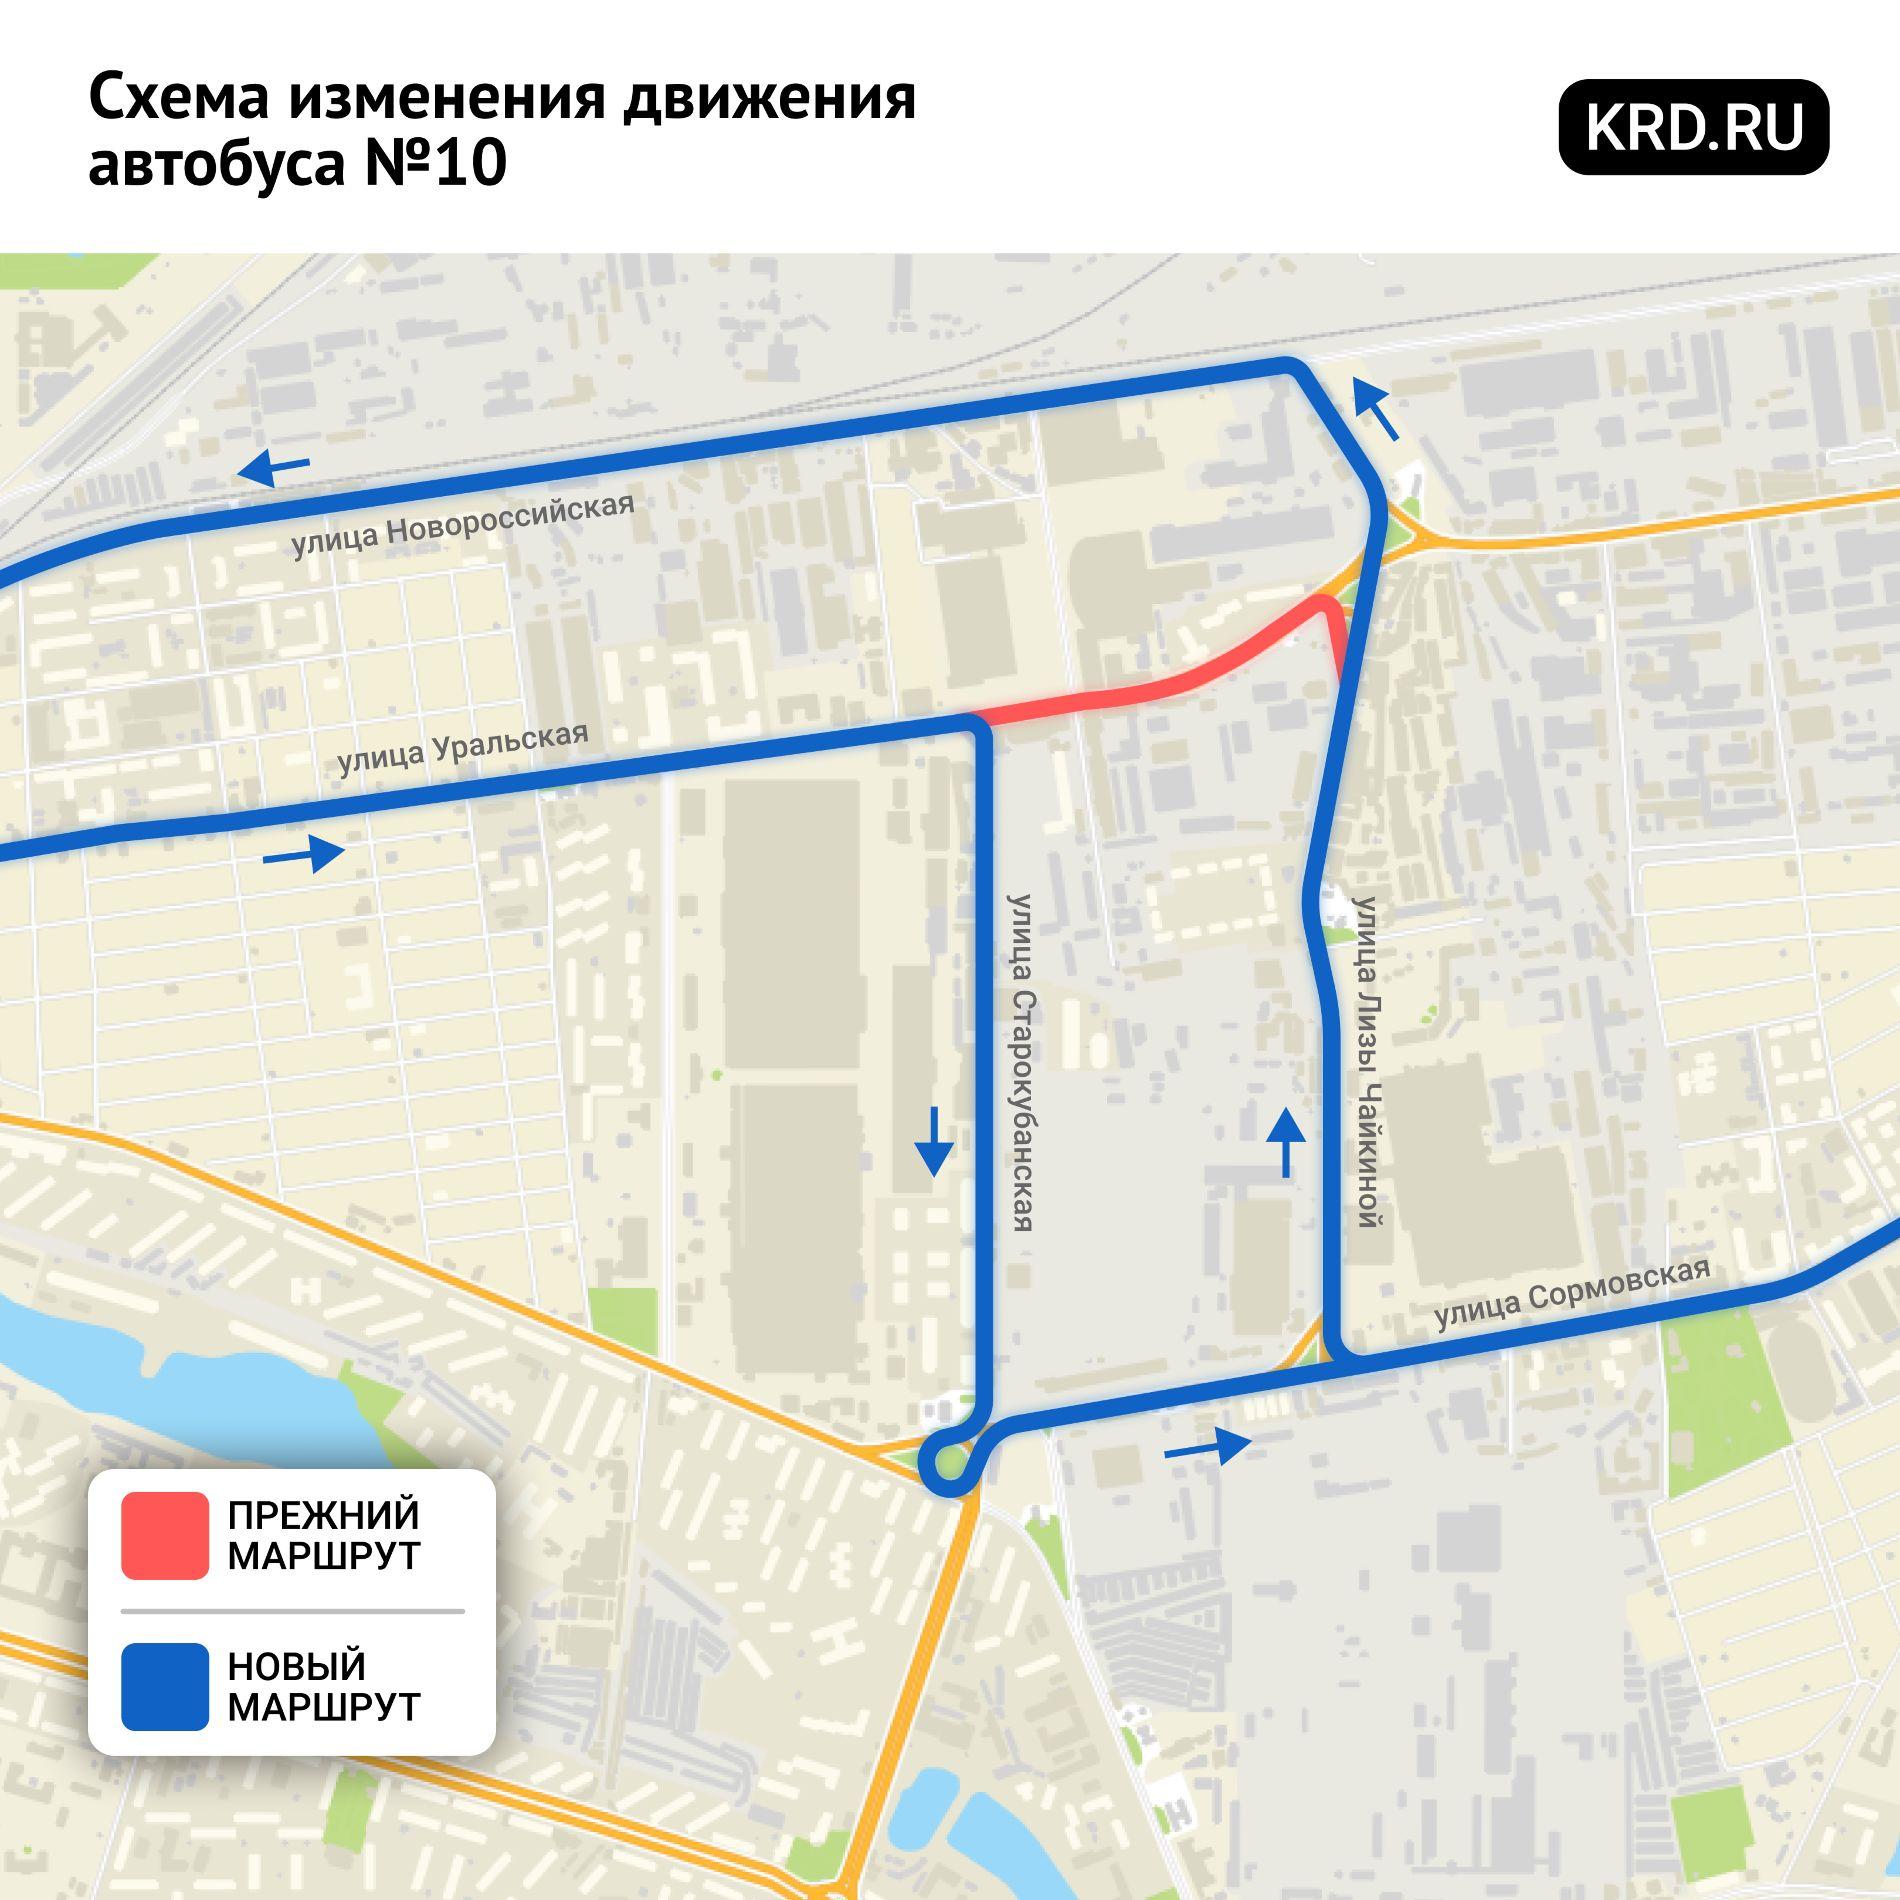 Временная схема маршрута автобуса № 10 ©Графика пресс-службы администрации Краснодара